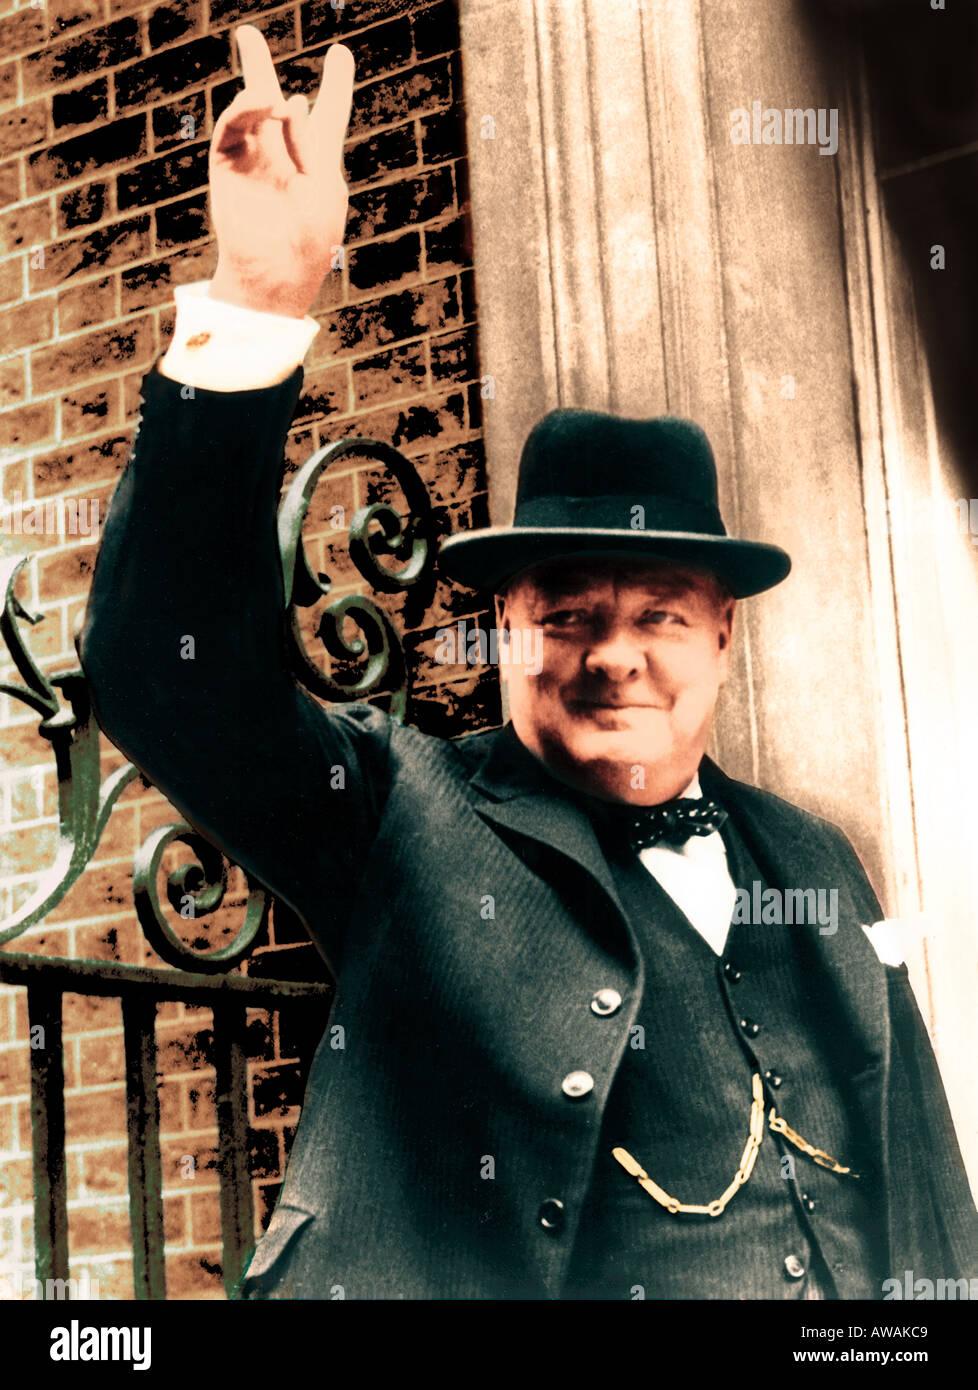 WINSTON CHURCHILL (1874-1965) Premier ministre britannique donne son signe V de la Victoire en avril 1945 à Photo Stock